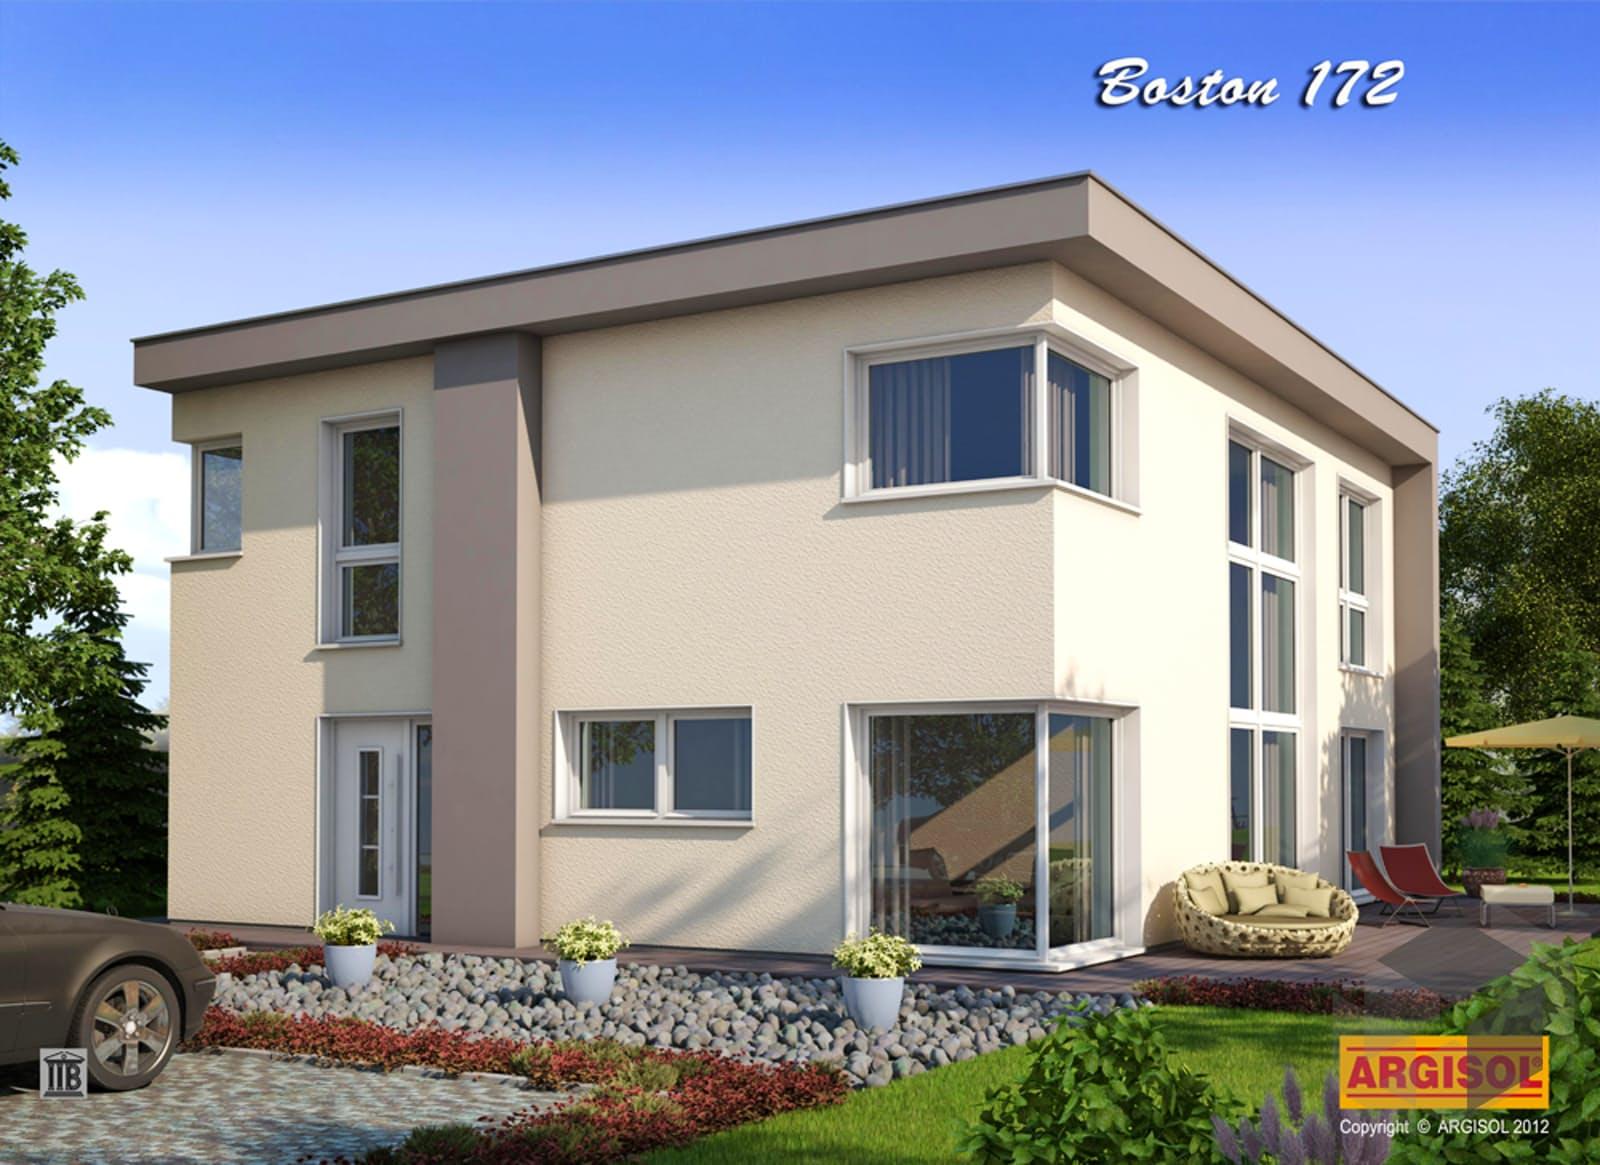 Fertighäuser Bis 75000 Euro Schlüsselfertig Home Ideen